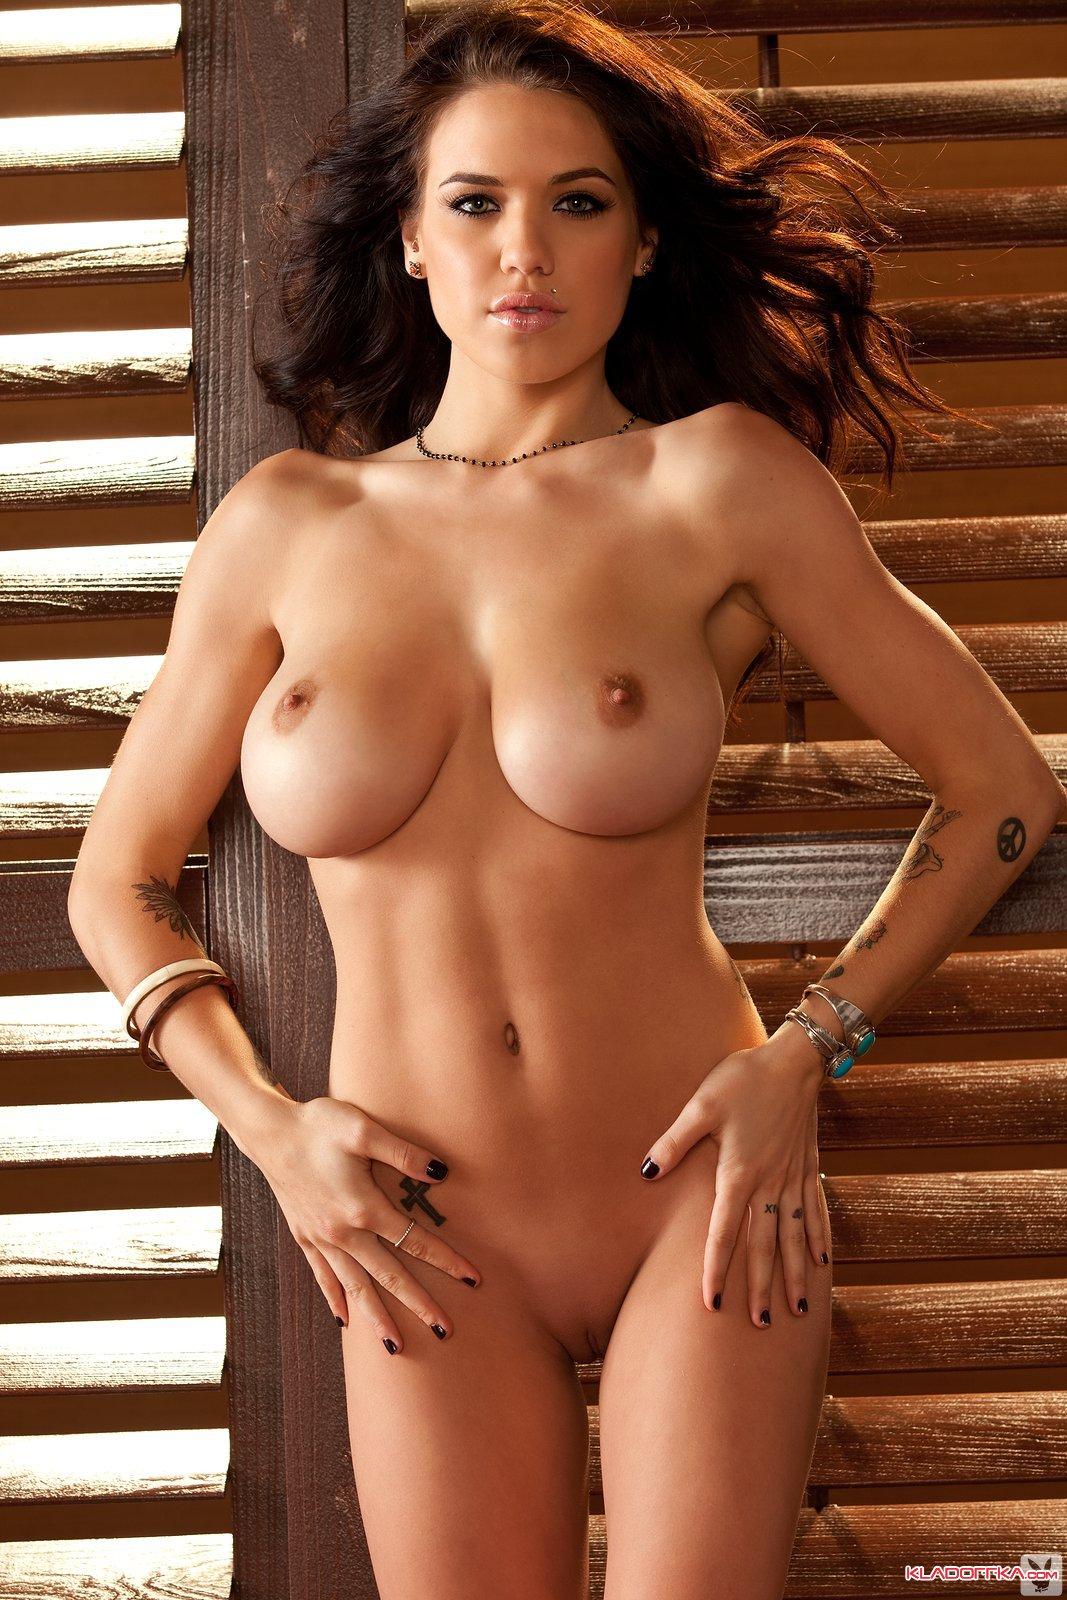 tess taylor nude